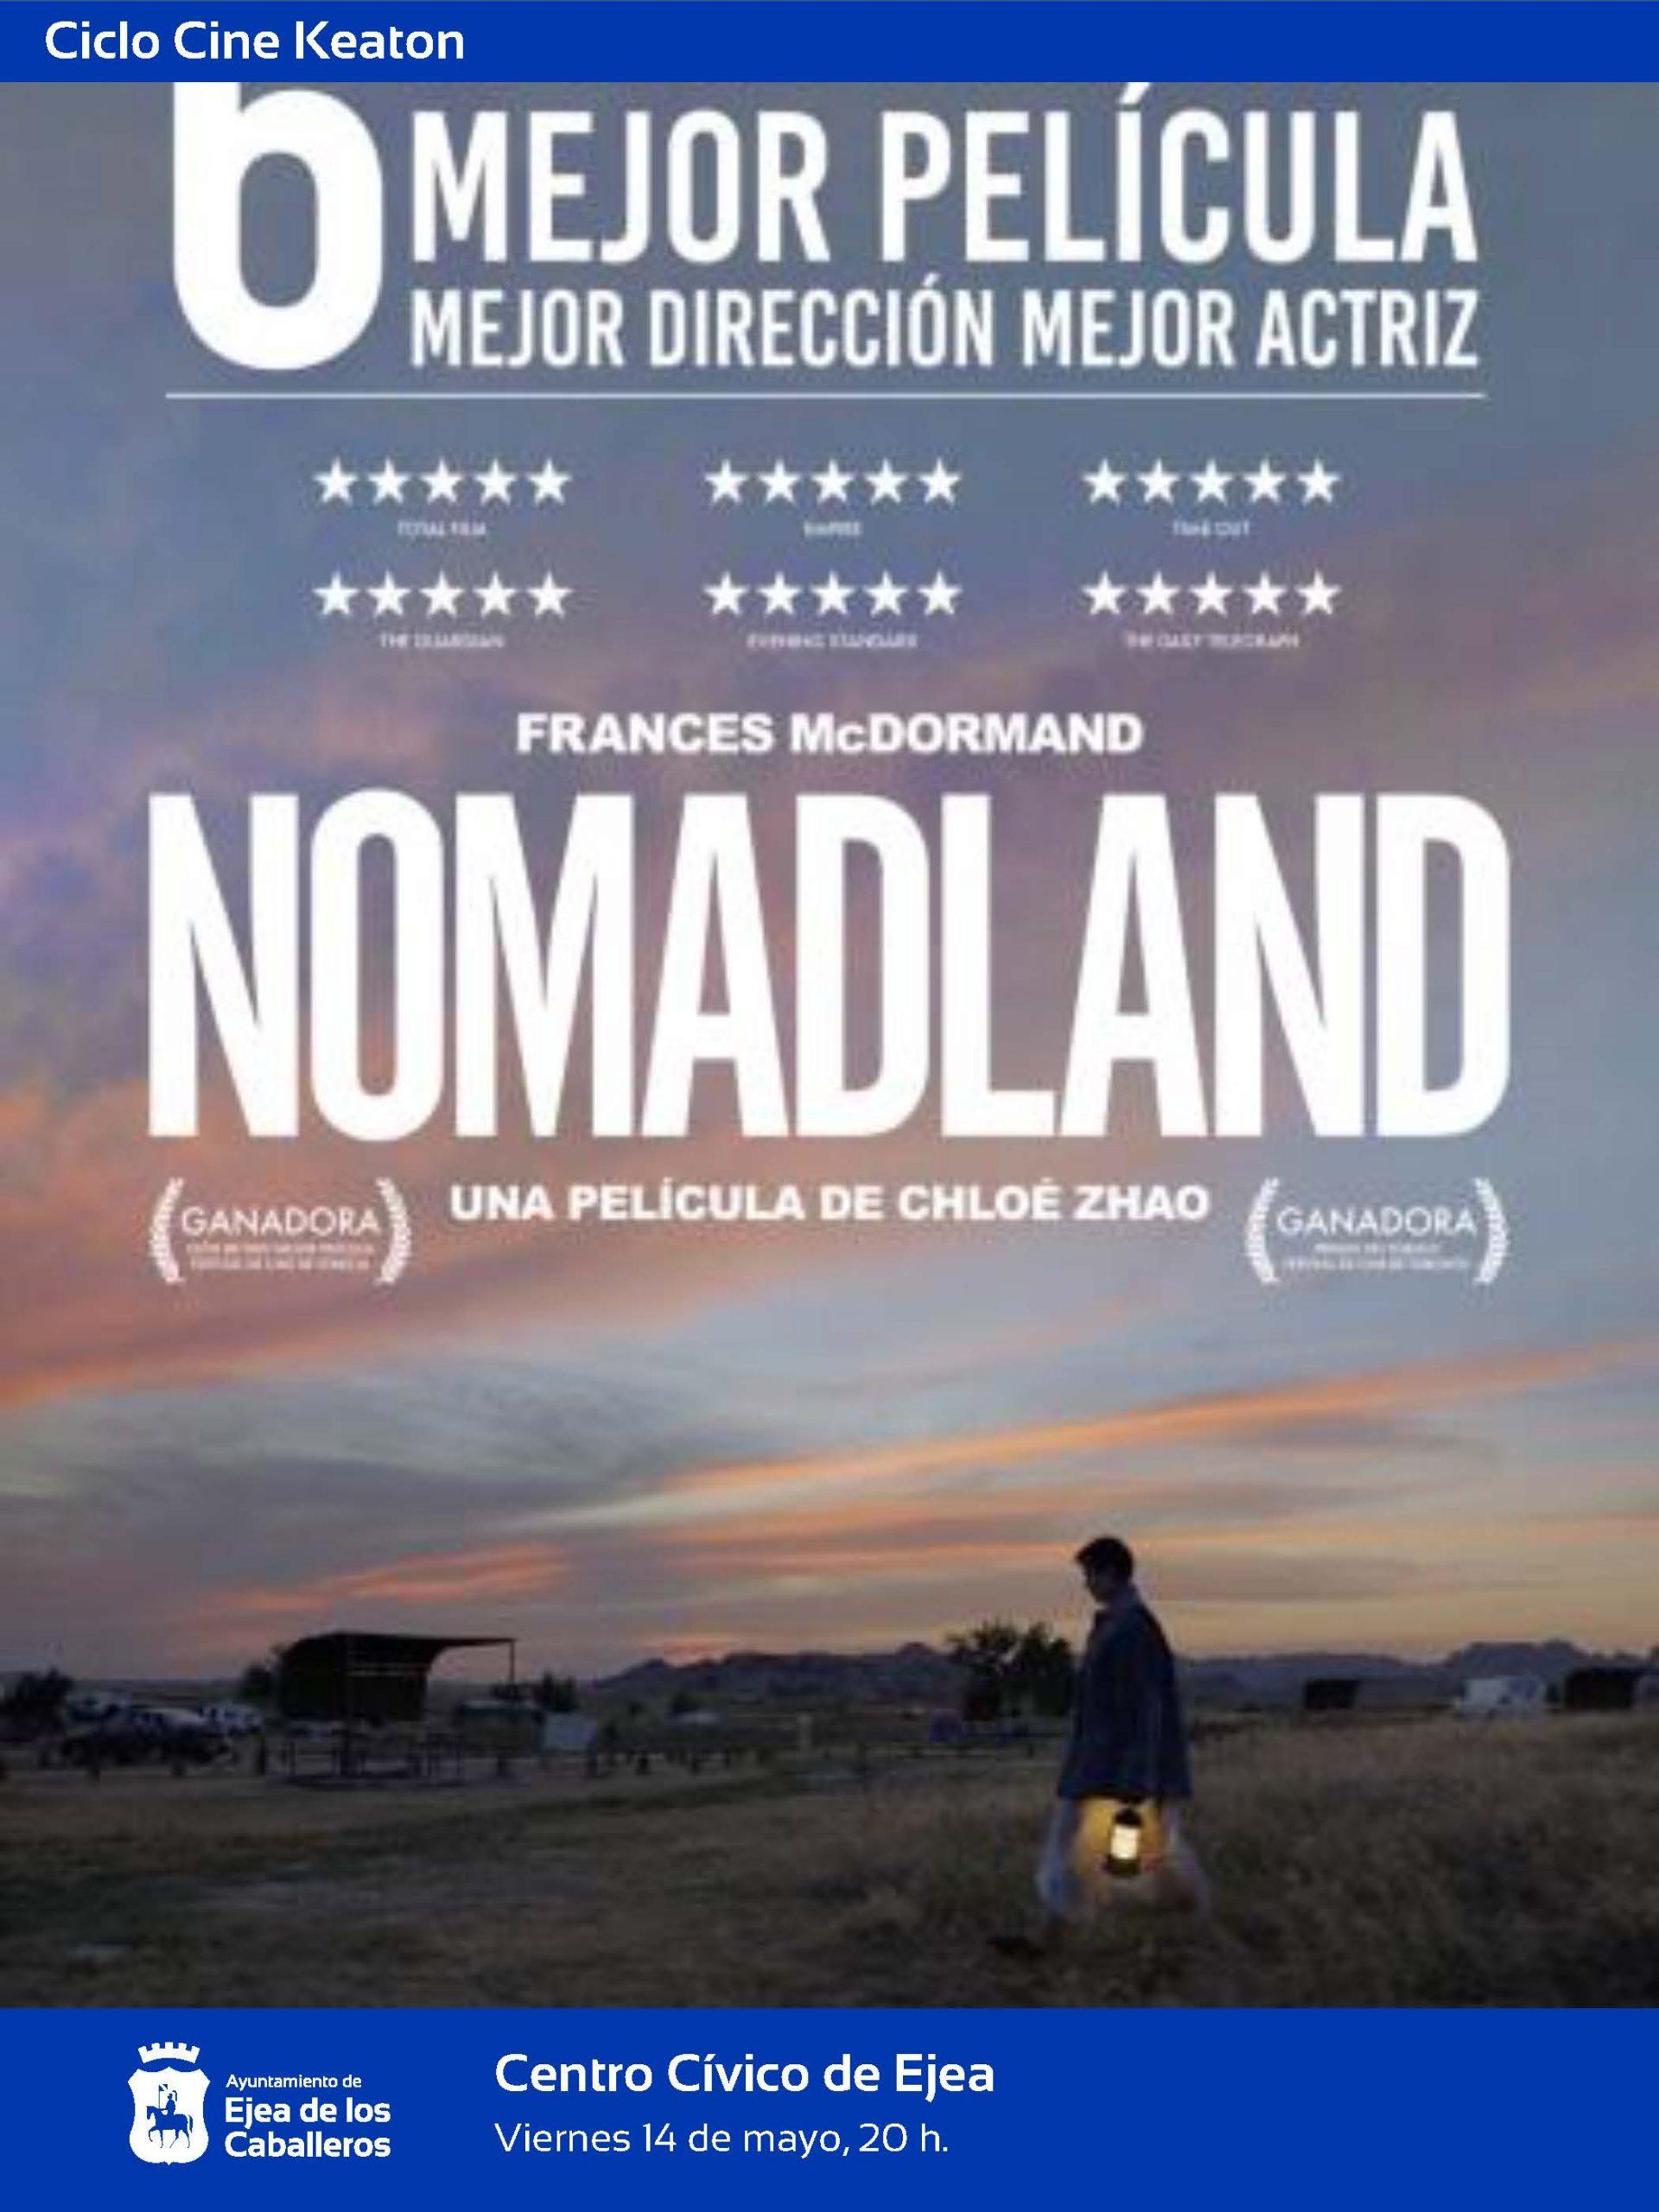 """El Ciclo Keaton propone """"Nomadland"""", la película más premiada del año"""